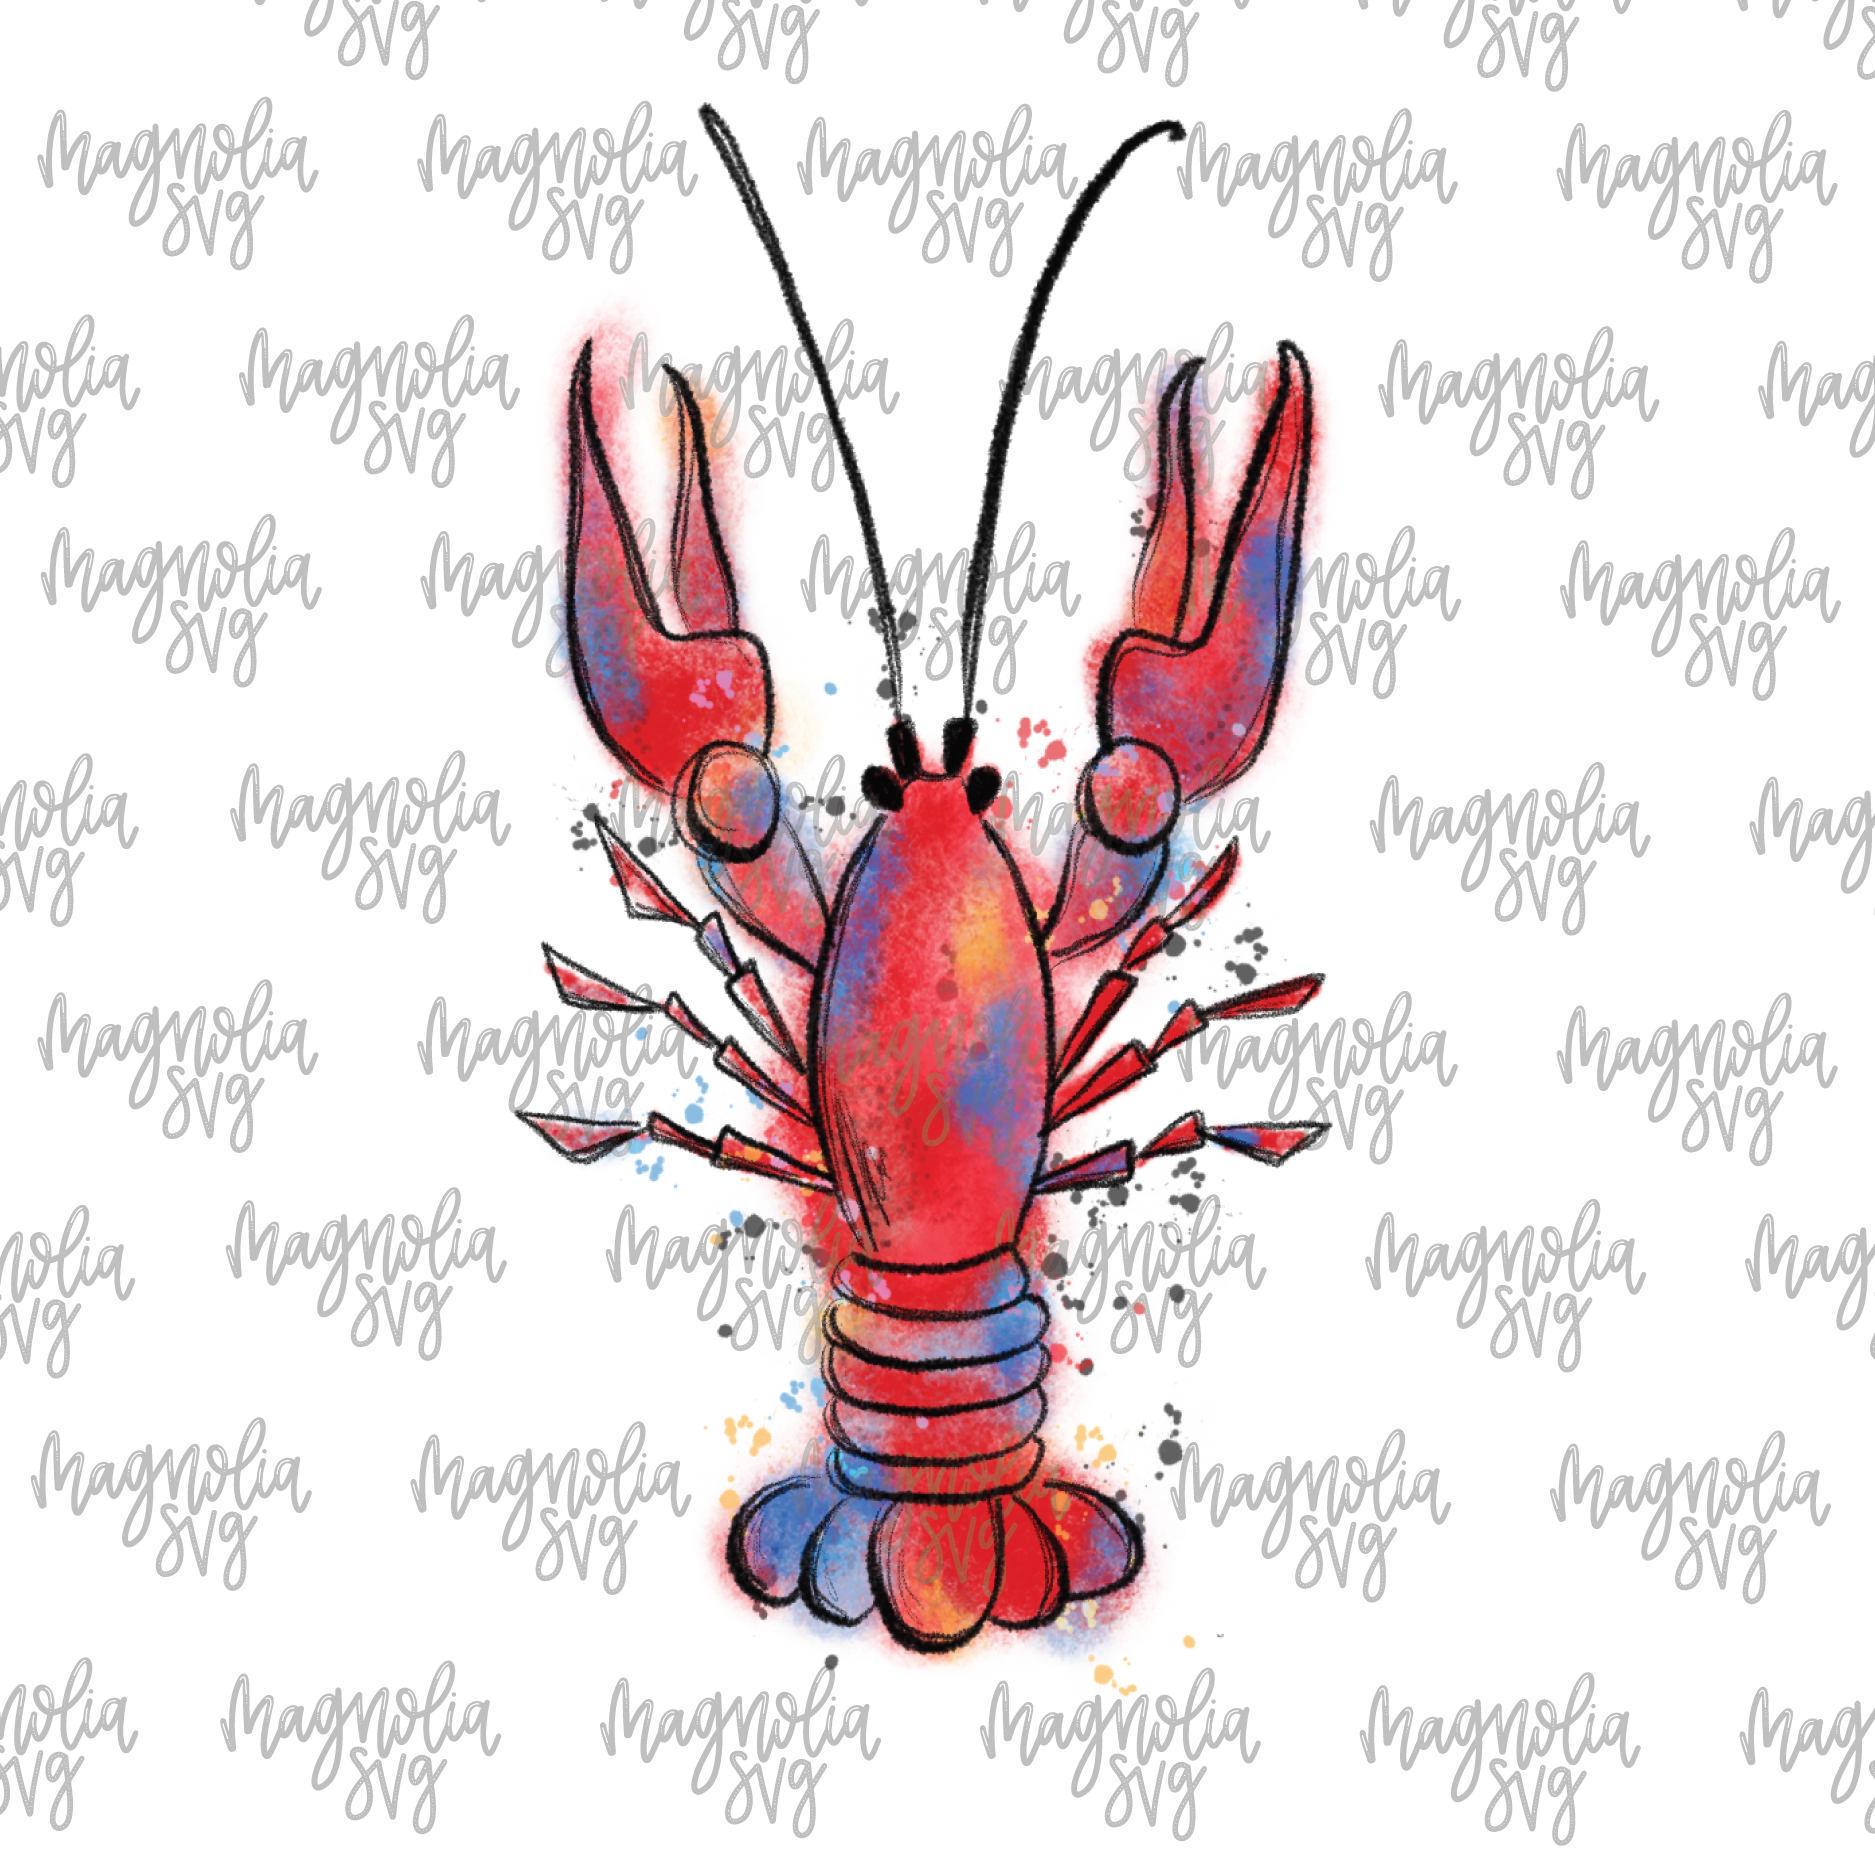 1875x1875 Crawfish Watercolor Clip Art, Hand Painted Watercolor Crawfish